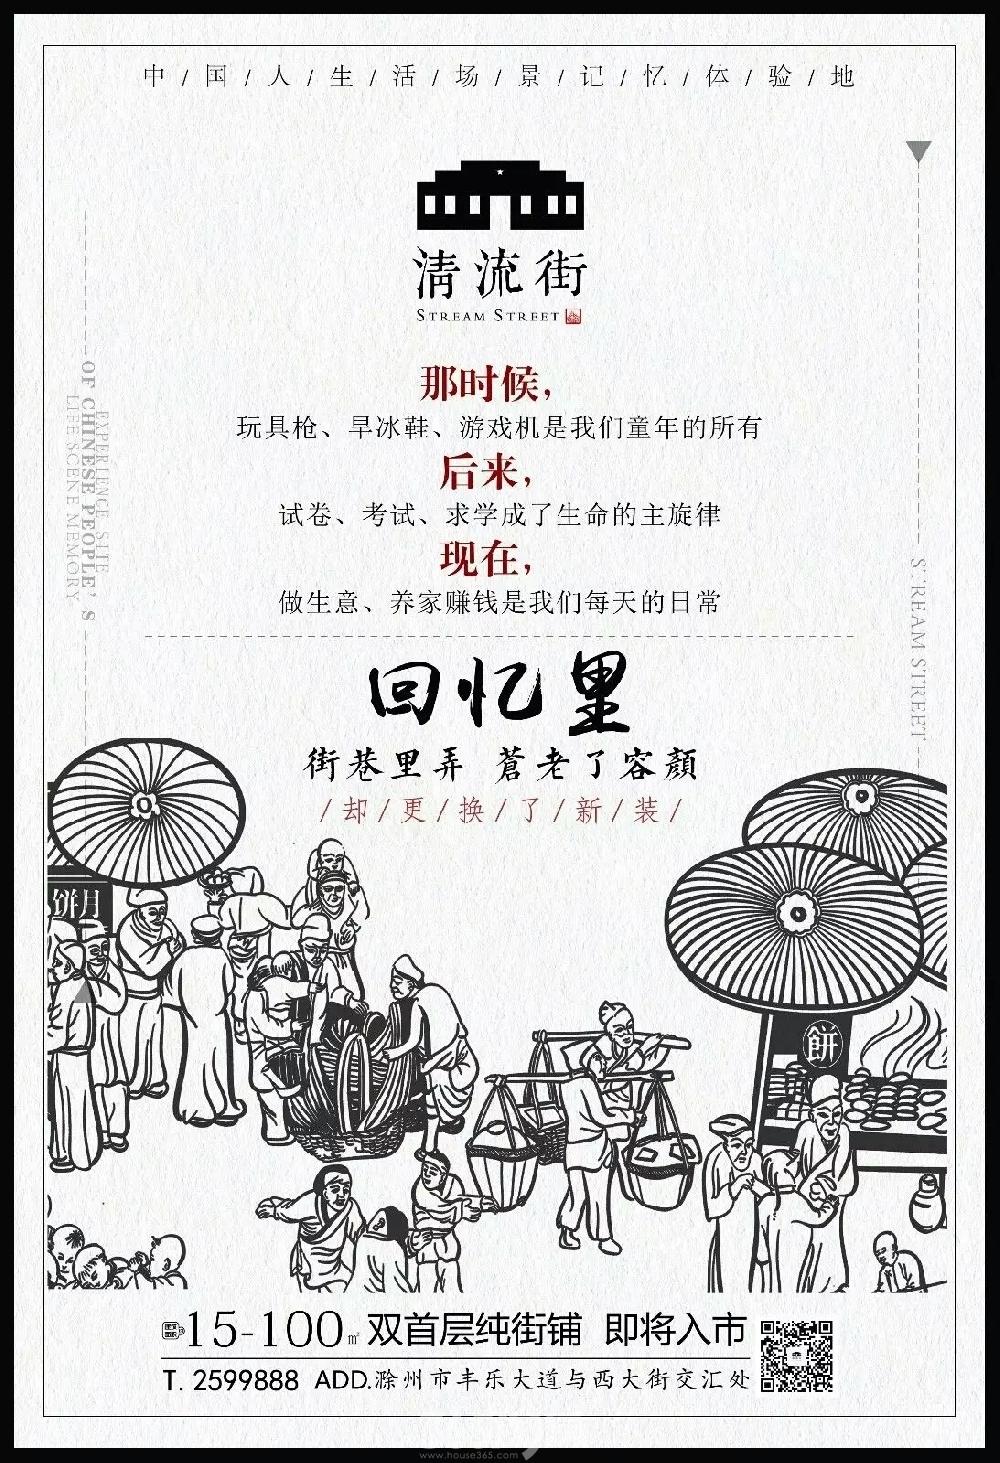 (清流街 滁州365淘房 资讯中心)